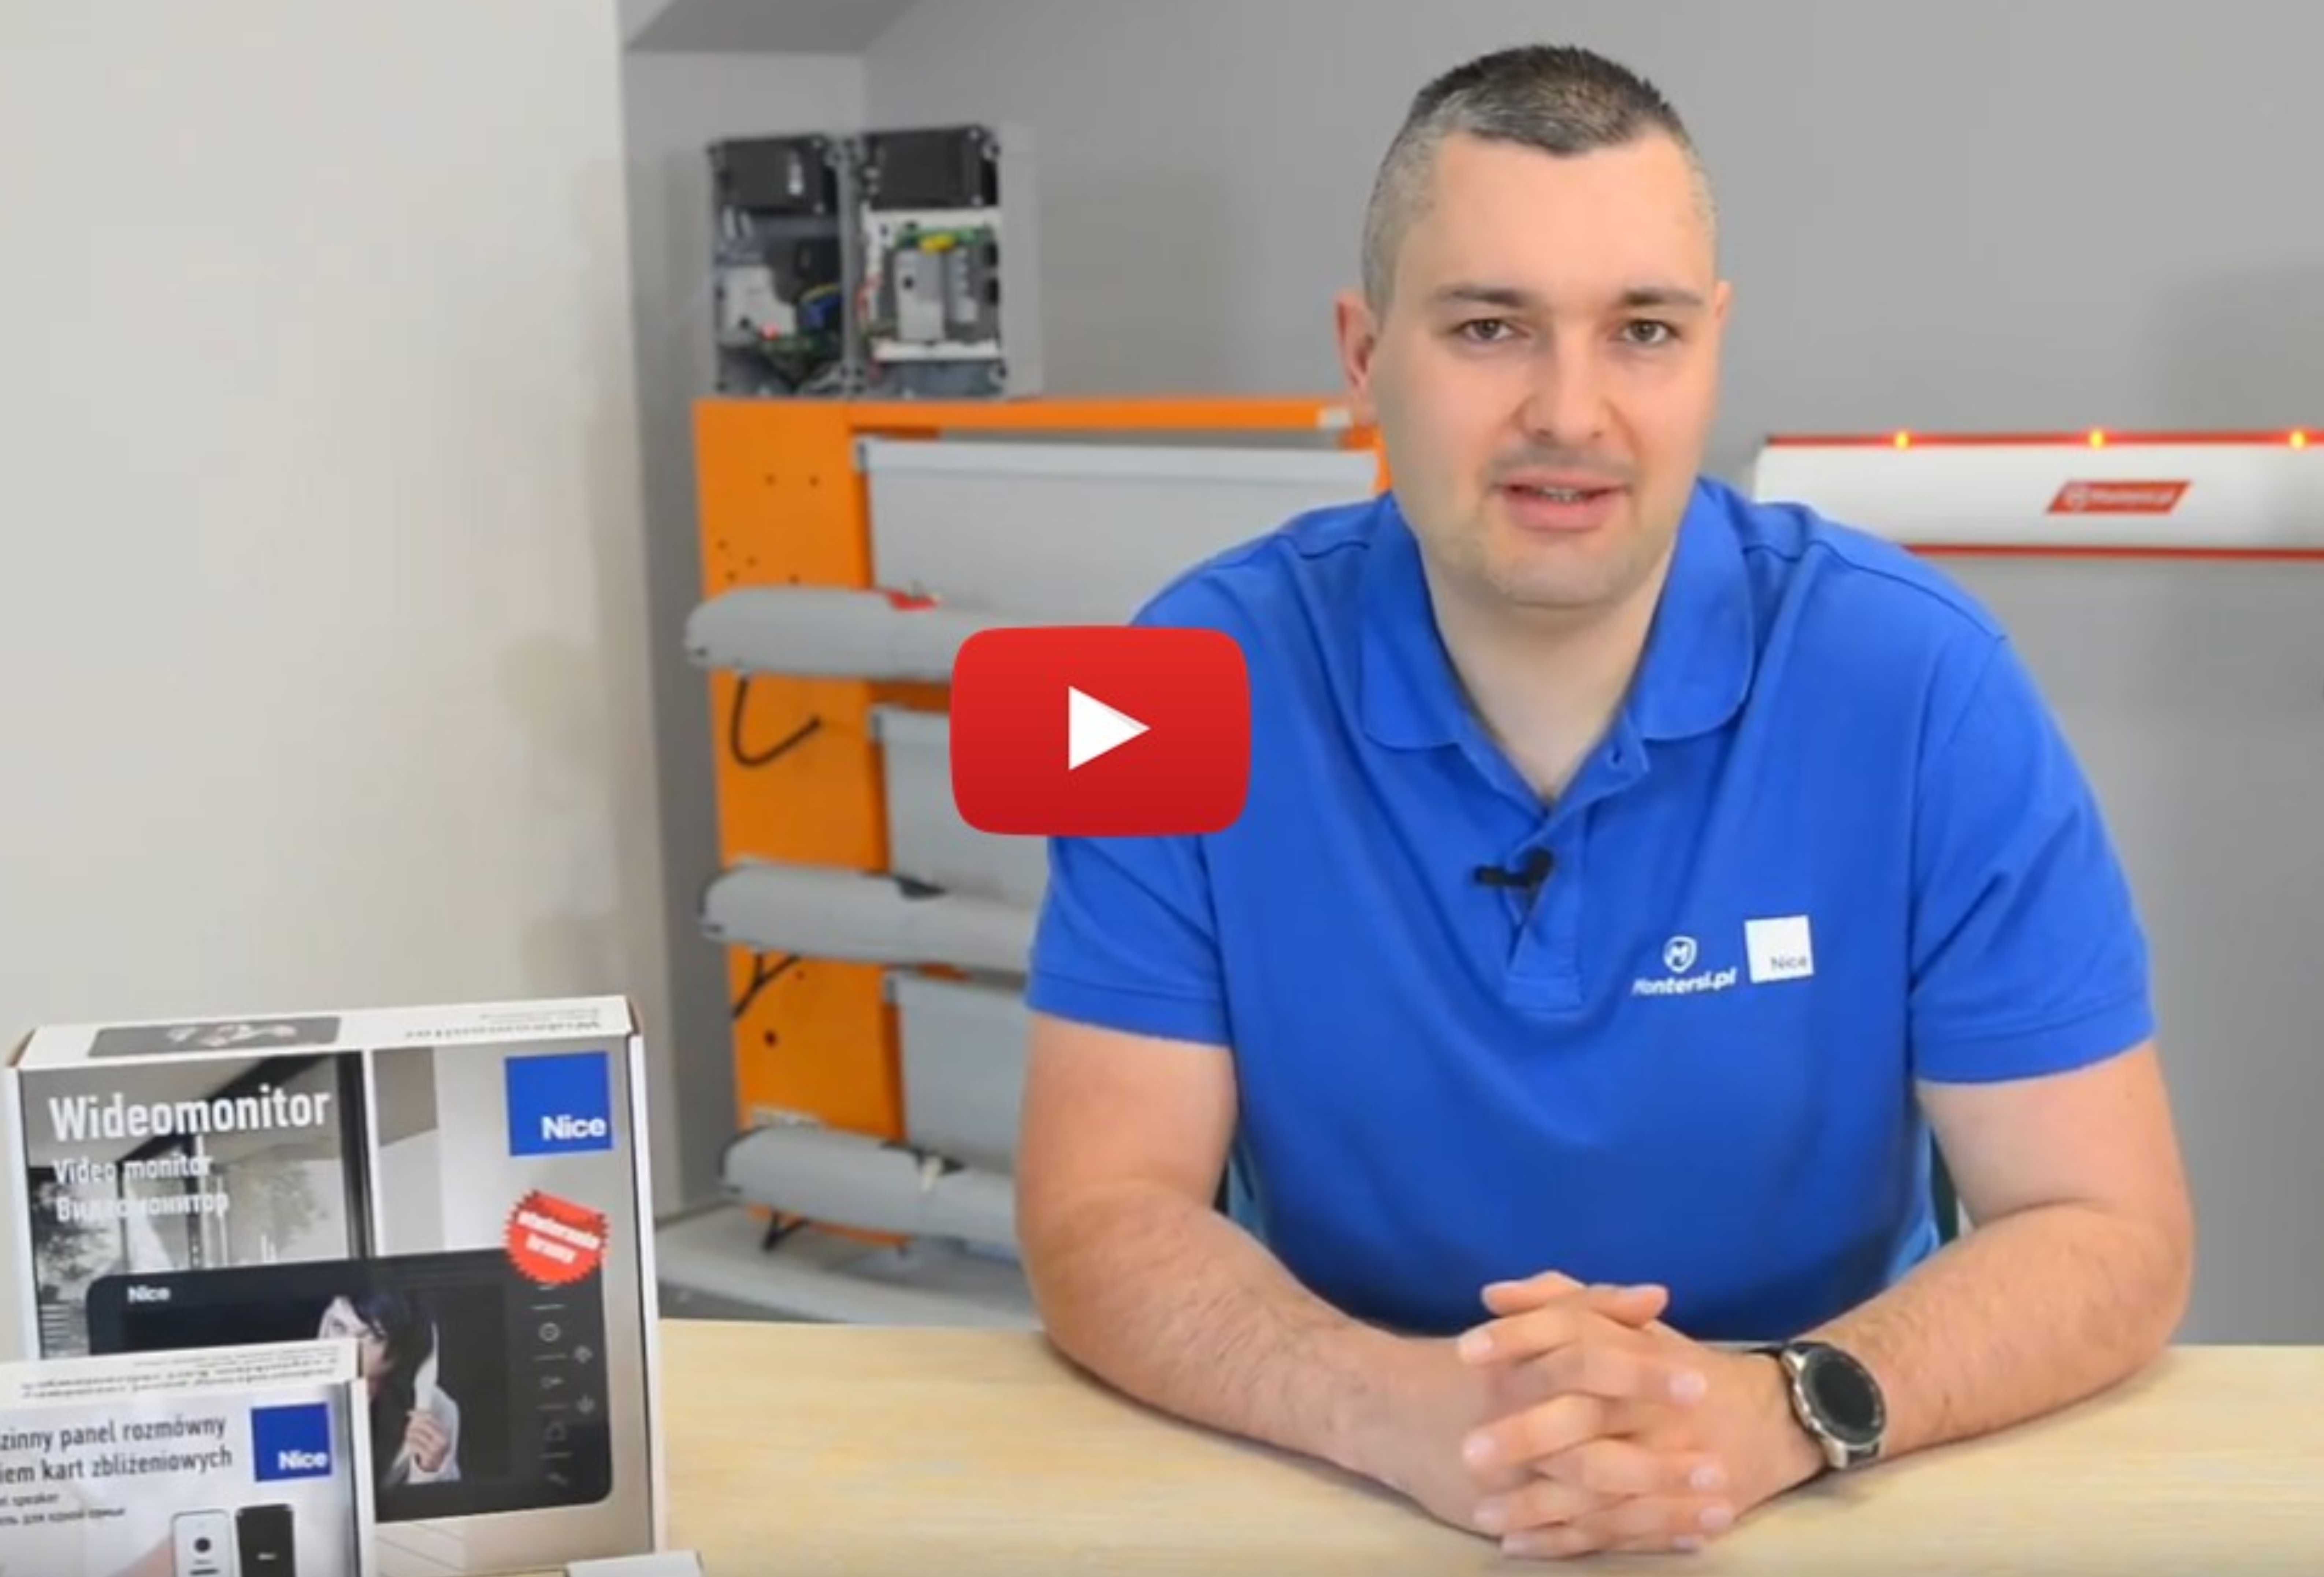 Jak zintegrować wideodomofon z napędem Nice?